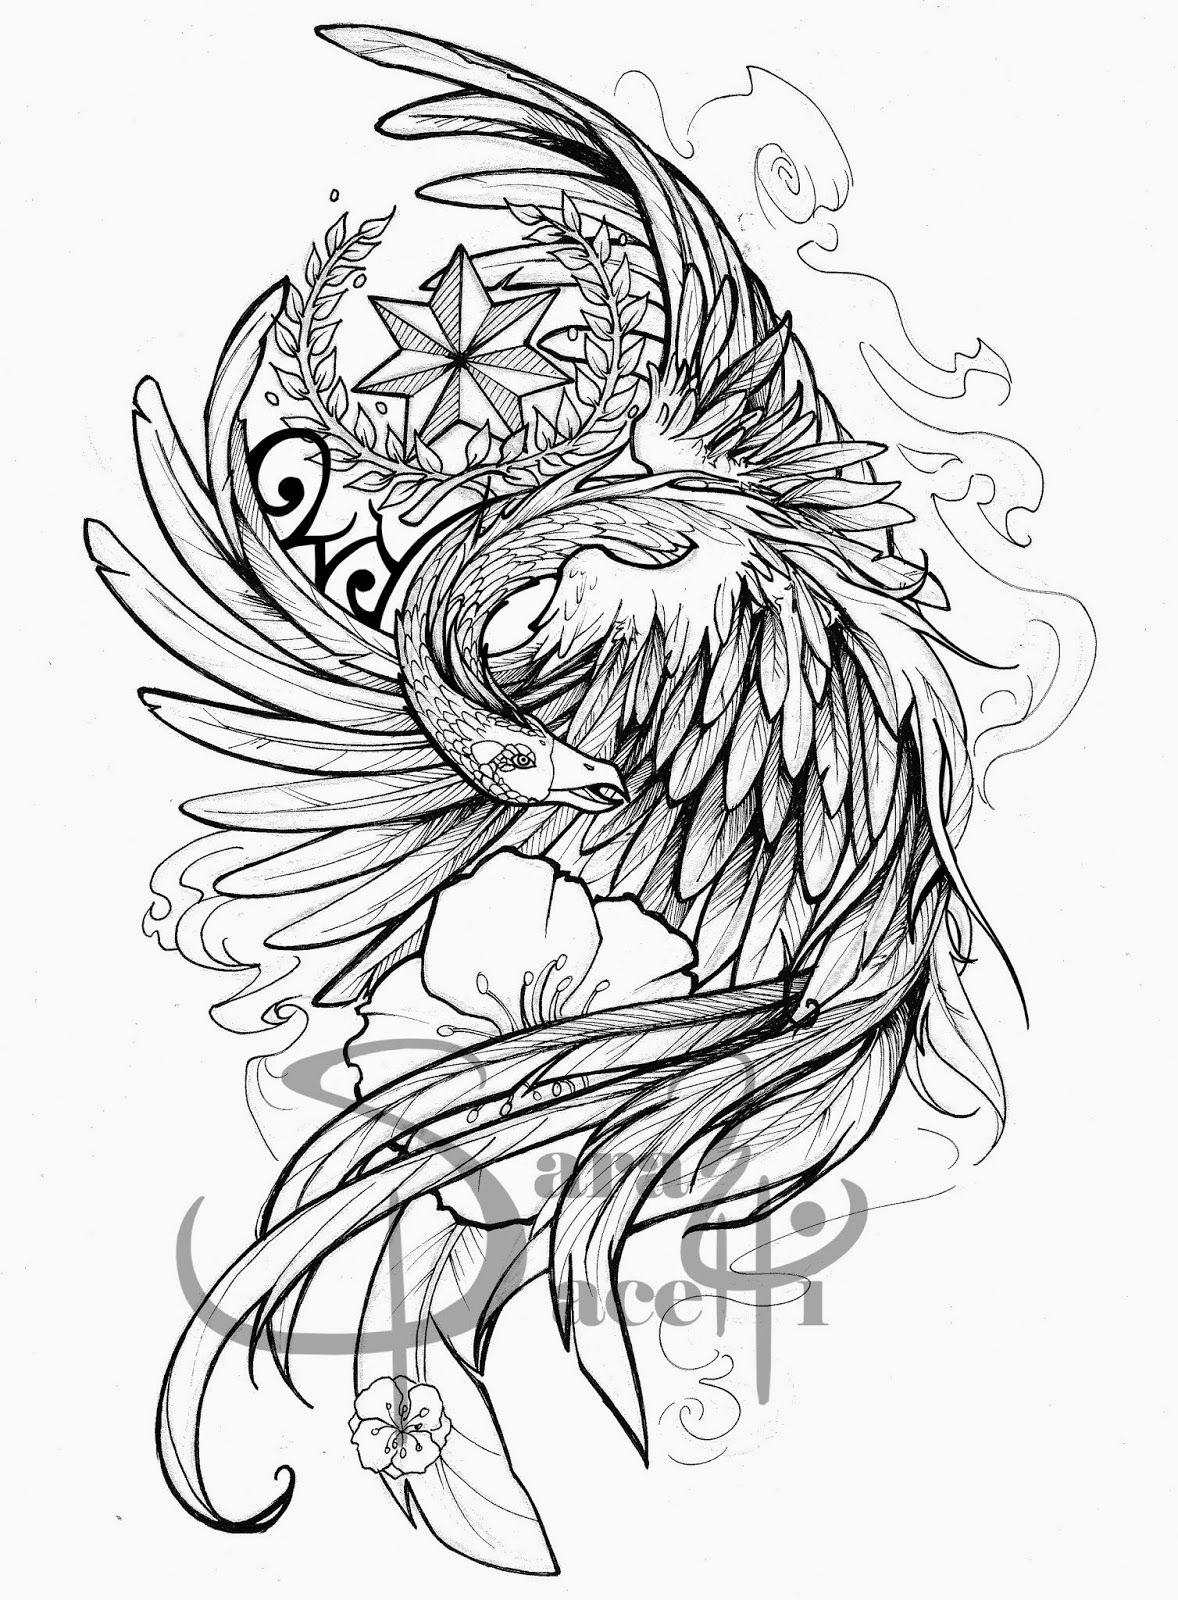 JLN_Phoenix_Stencil_Watermark.jpg (1178×1600) Half